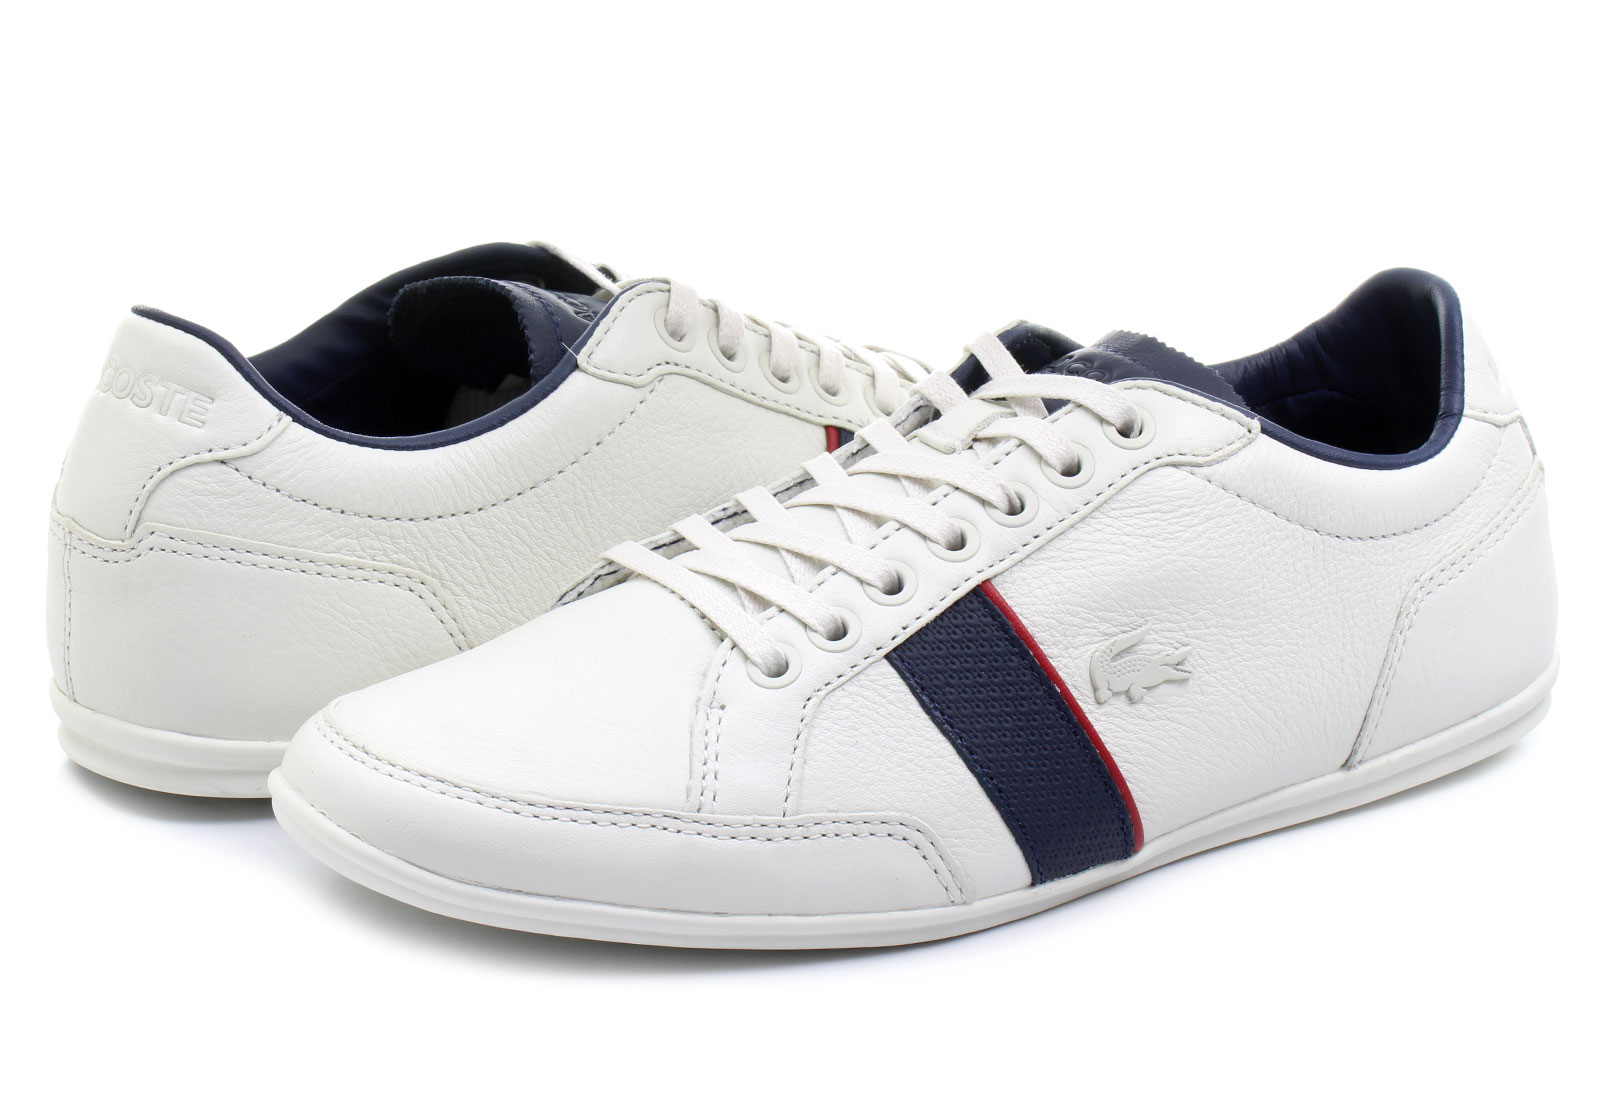 Lacoste Shoes Alisos 161cam0101 098 Online Shop For